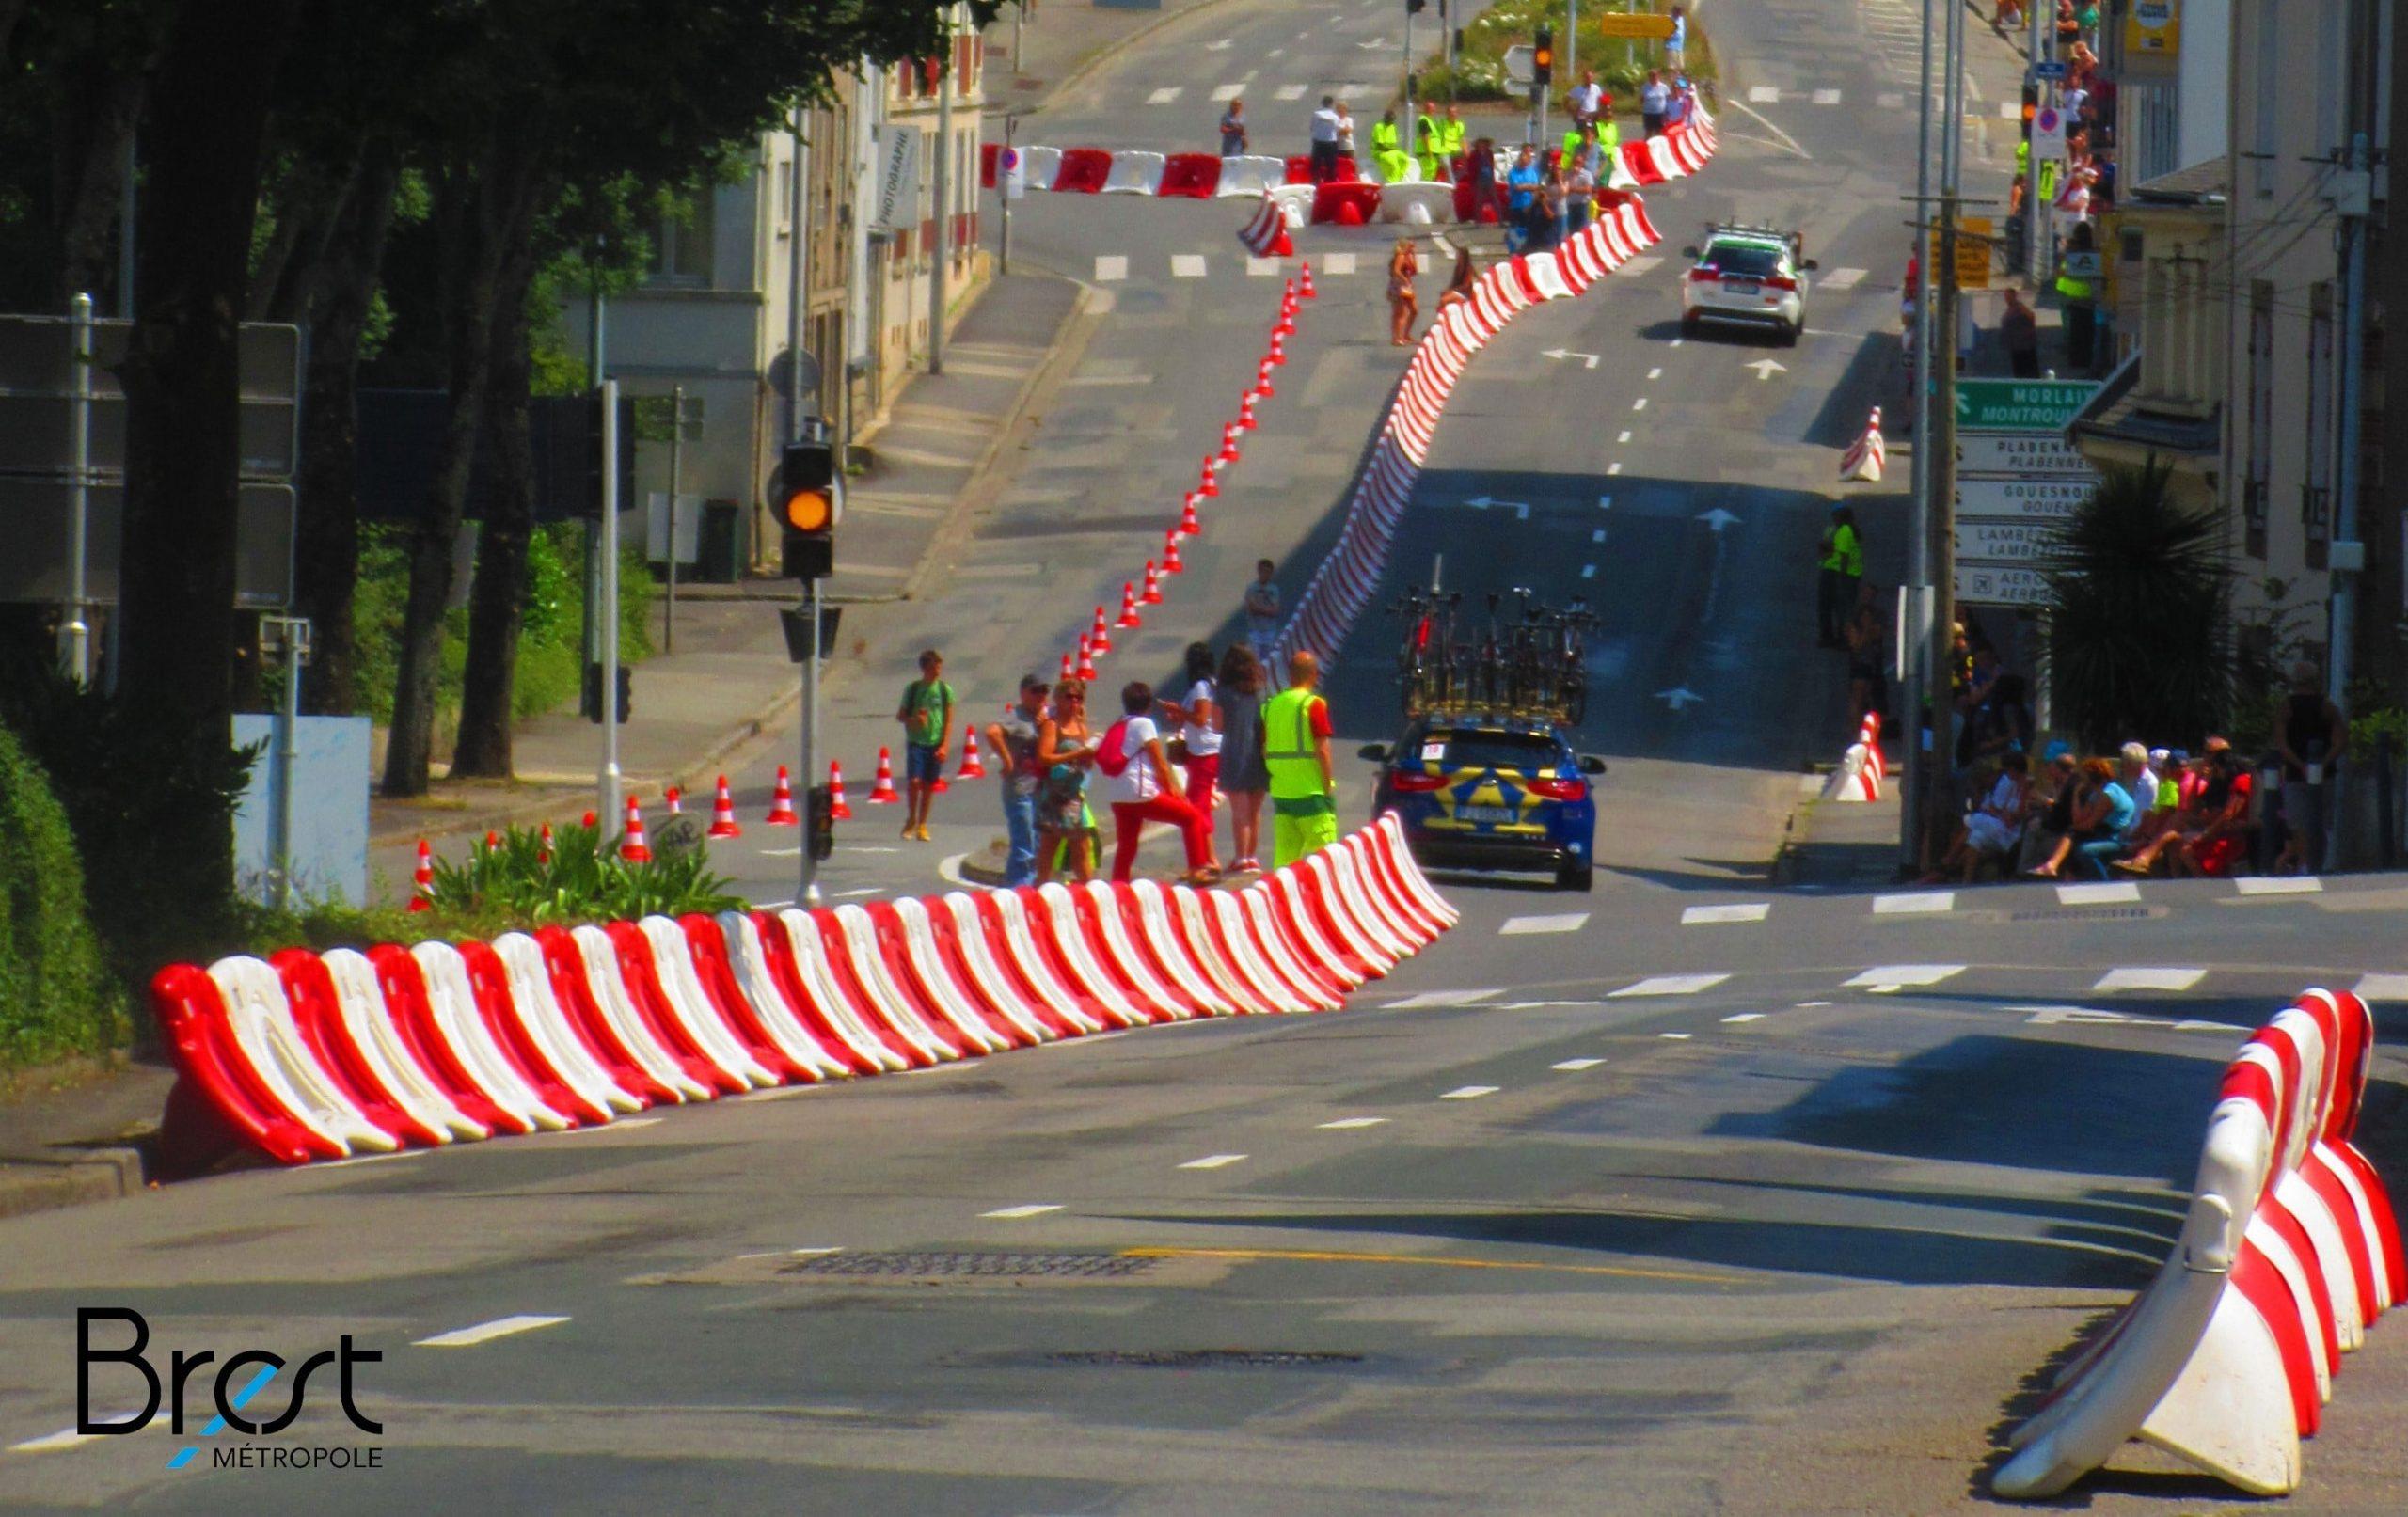 Трафик бариера разделител на движението тип стена спортно събитие в градска среда